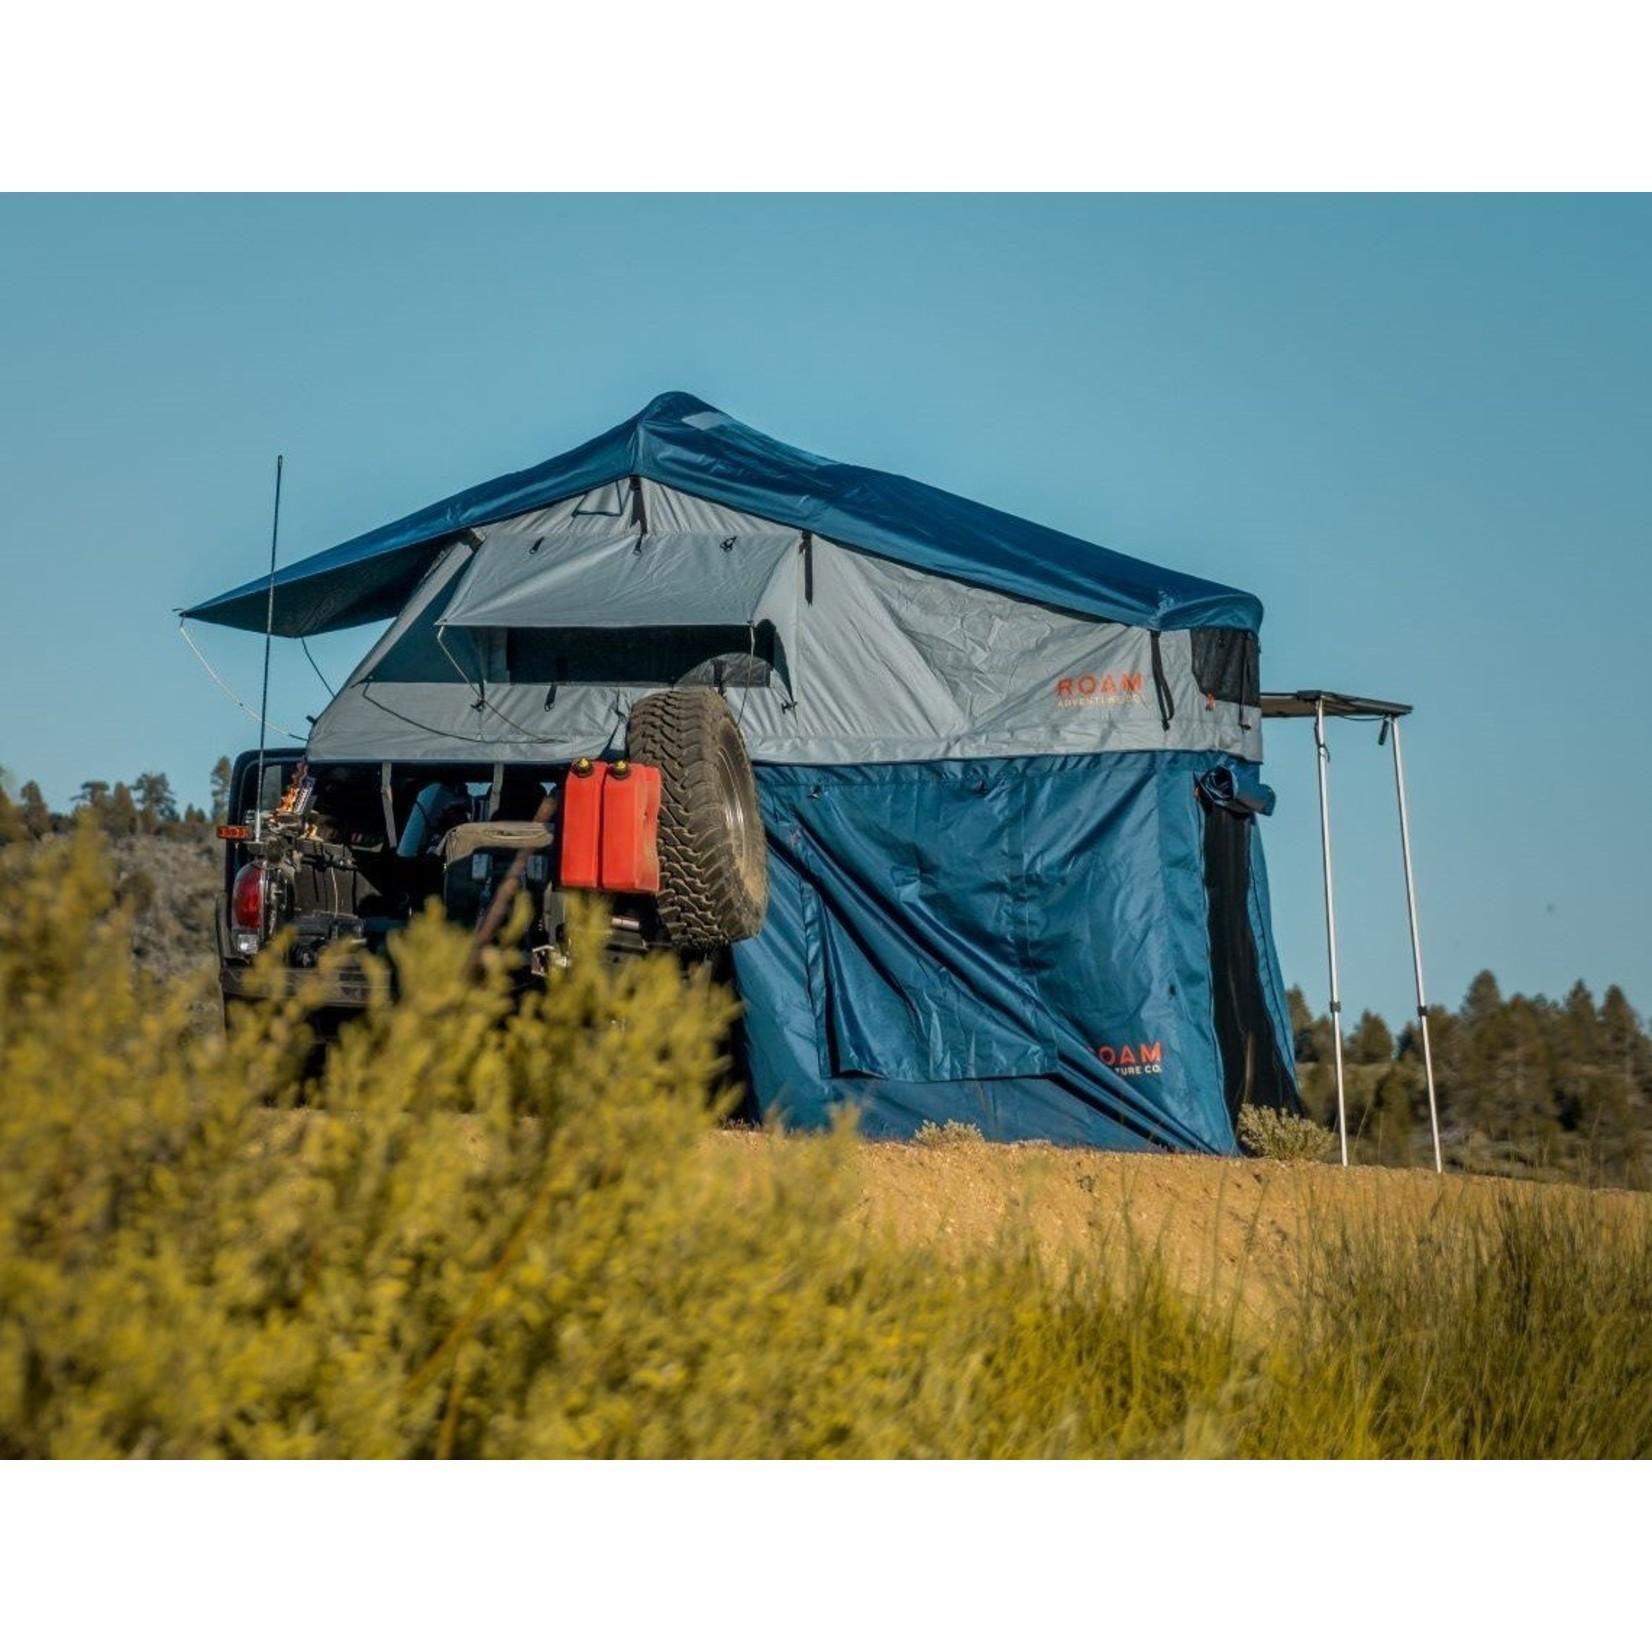 Roam Vagabond XL Roof Top Tent